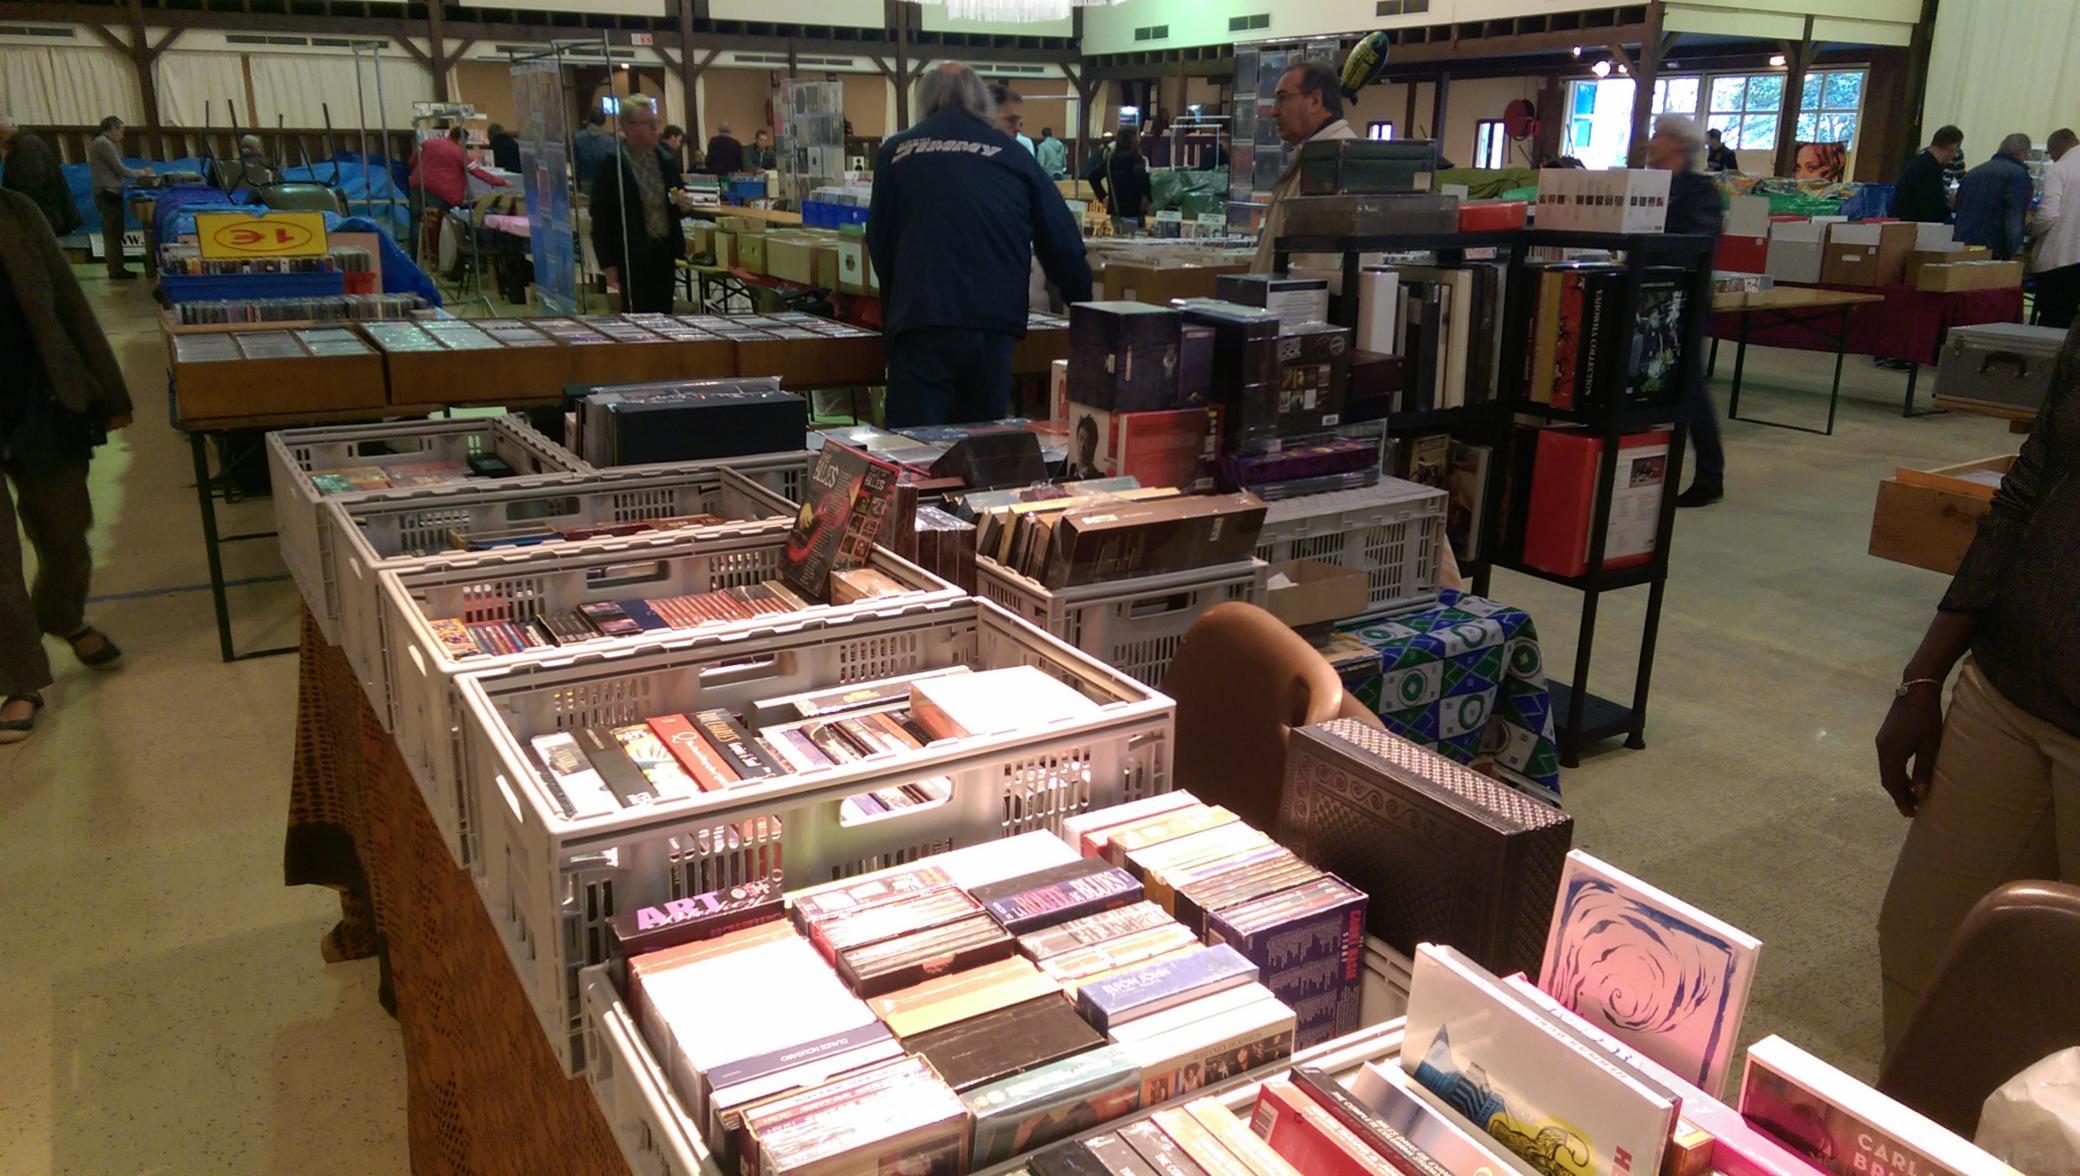 5 achat et vente de CD/DVD/VINYLES etc achat-vente CD/DVD/BD/Vinyles achat et vente de CD/DVD/VINYLES etc